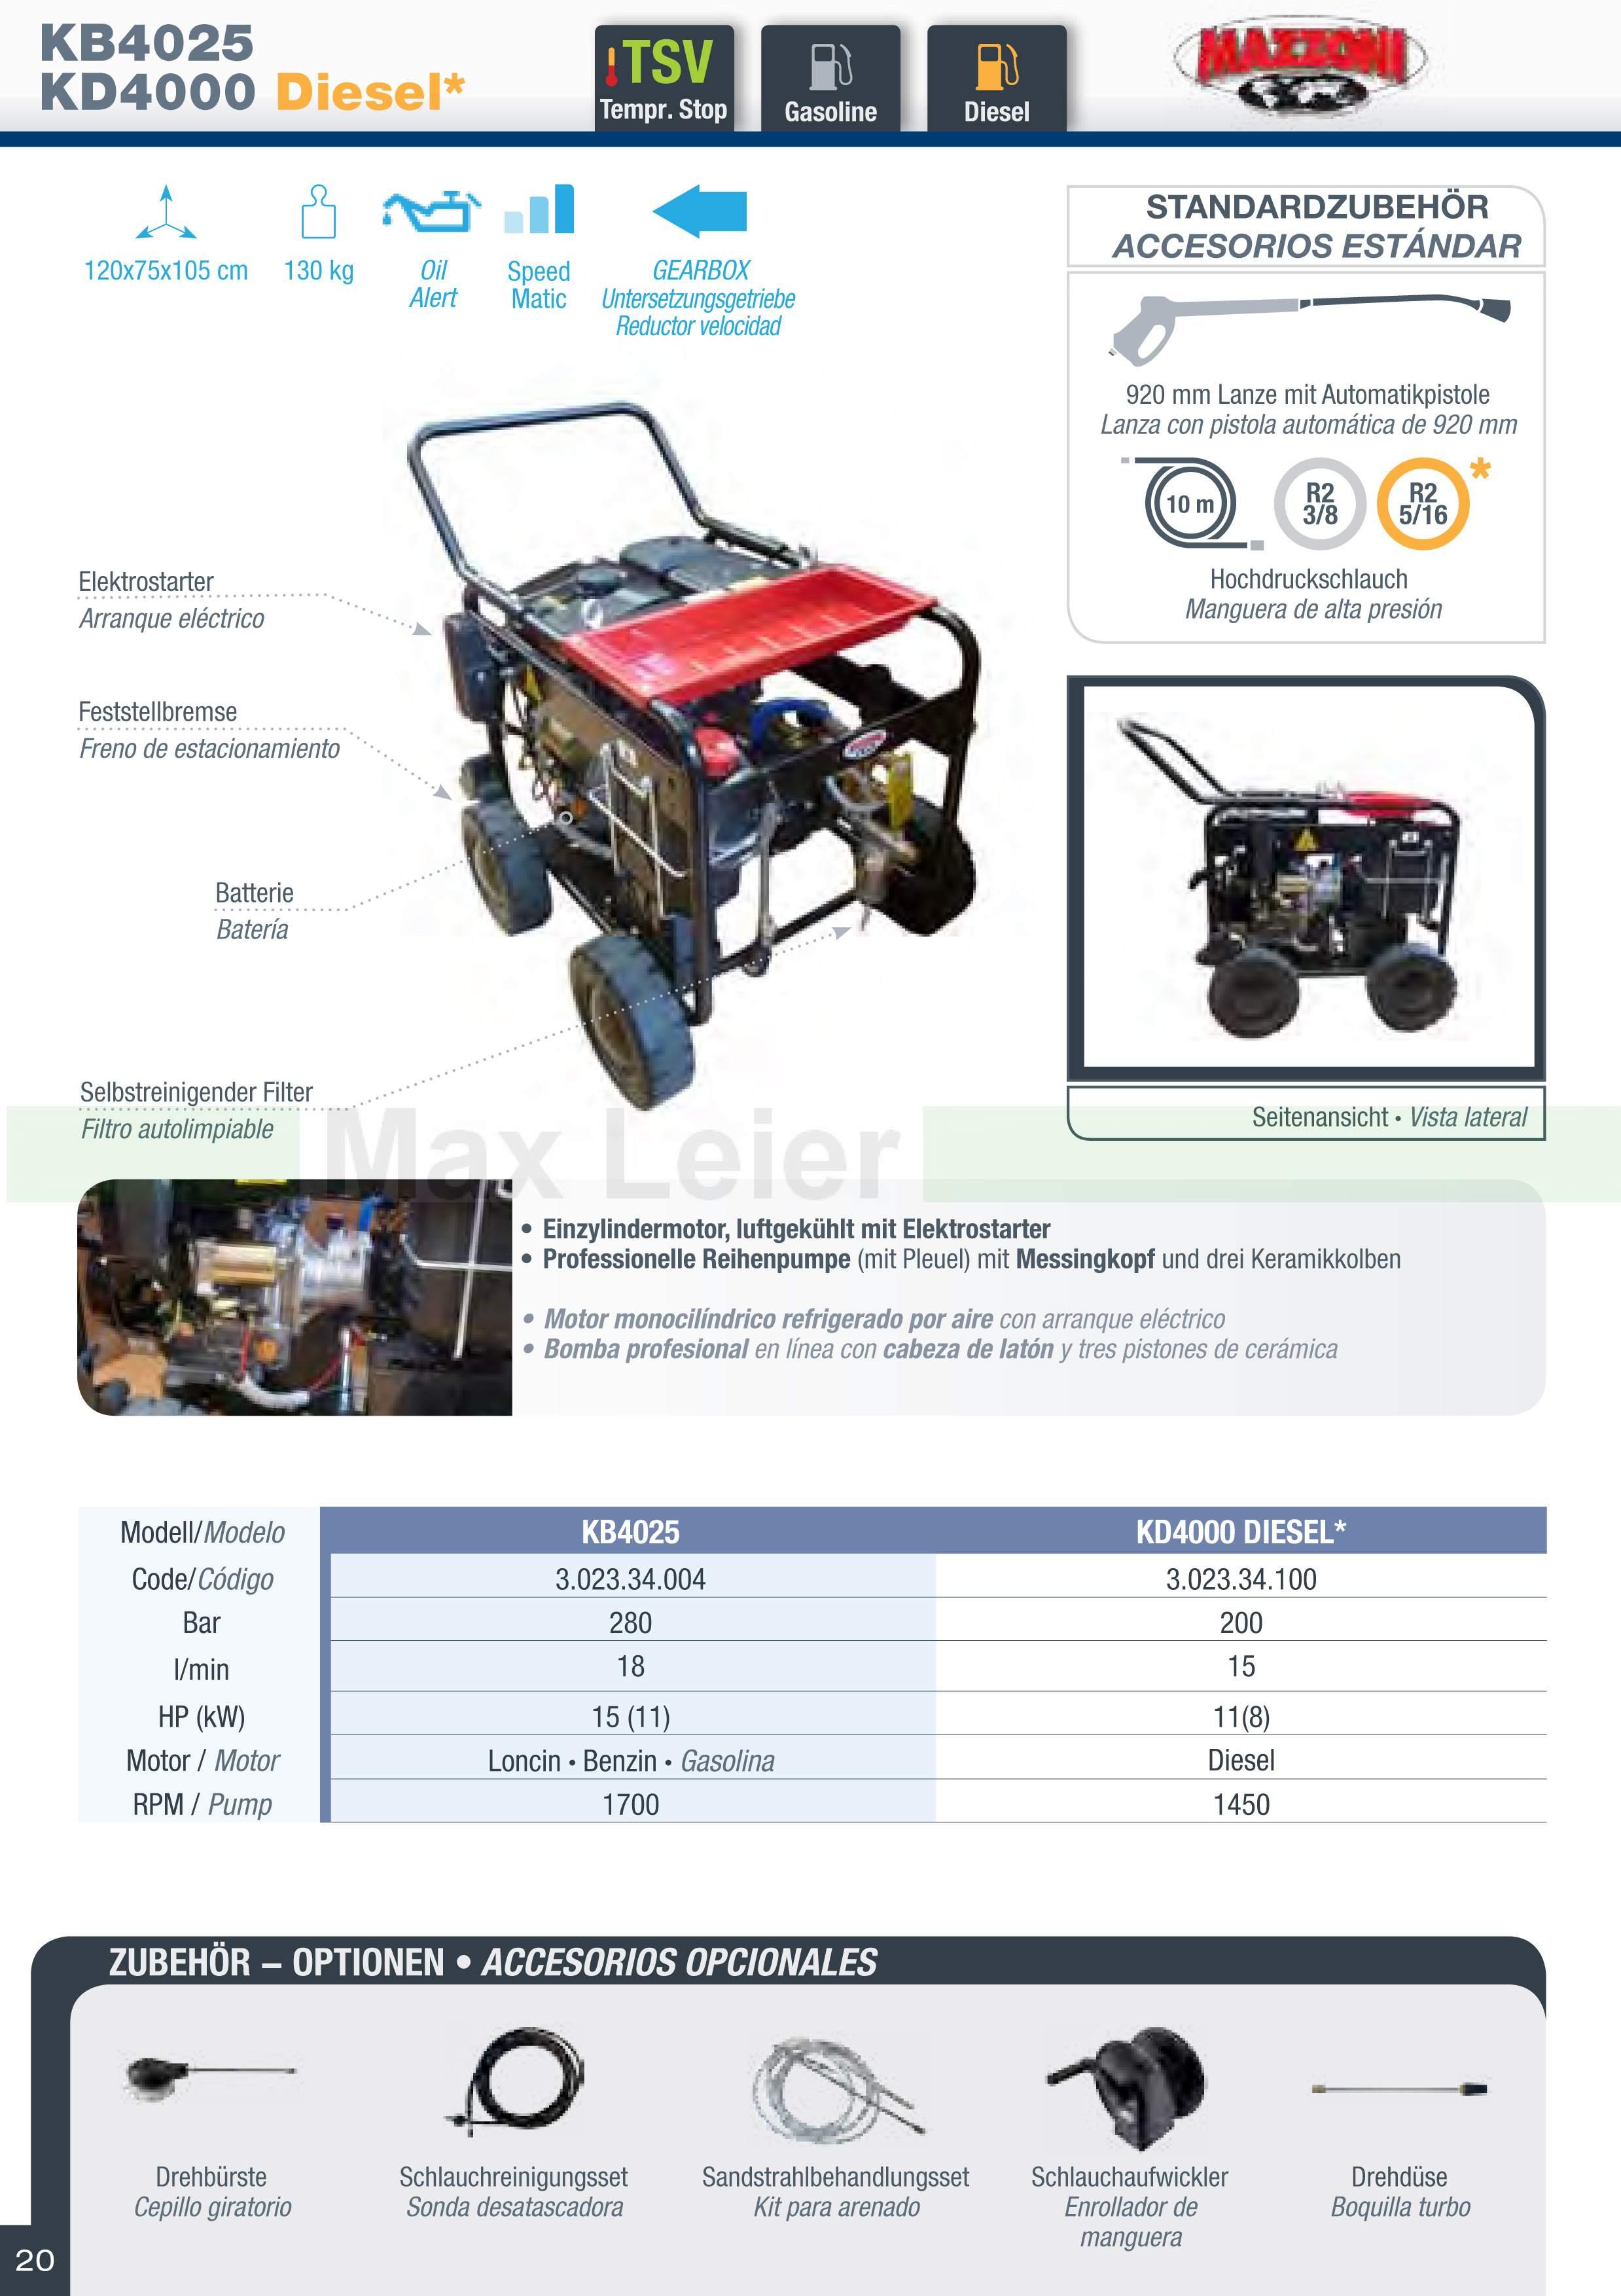 S20-Mazzoni-KB4025-KD4000